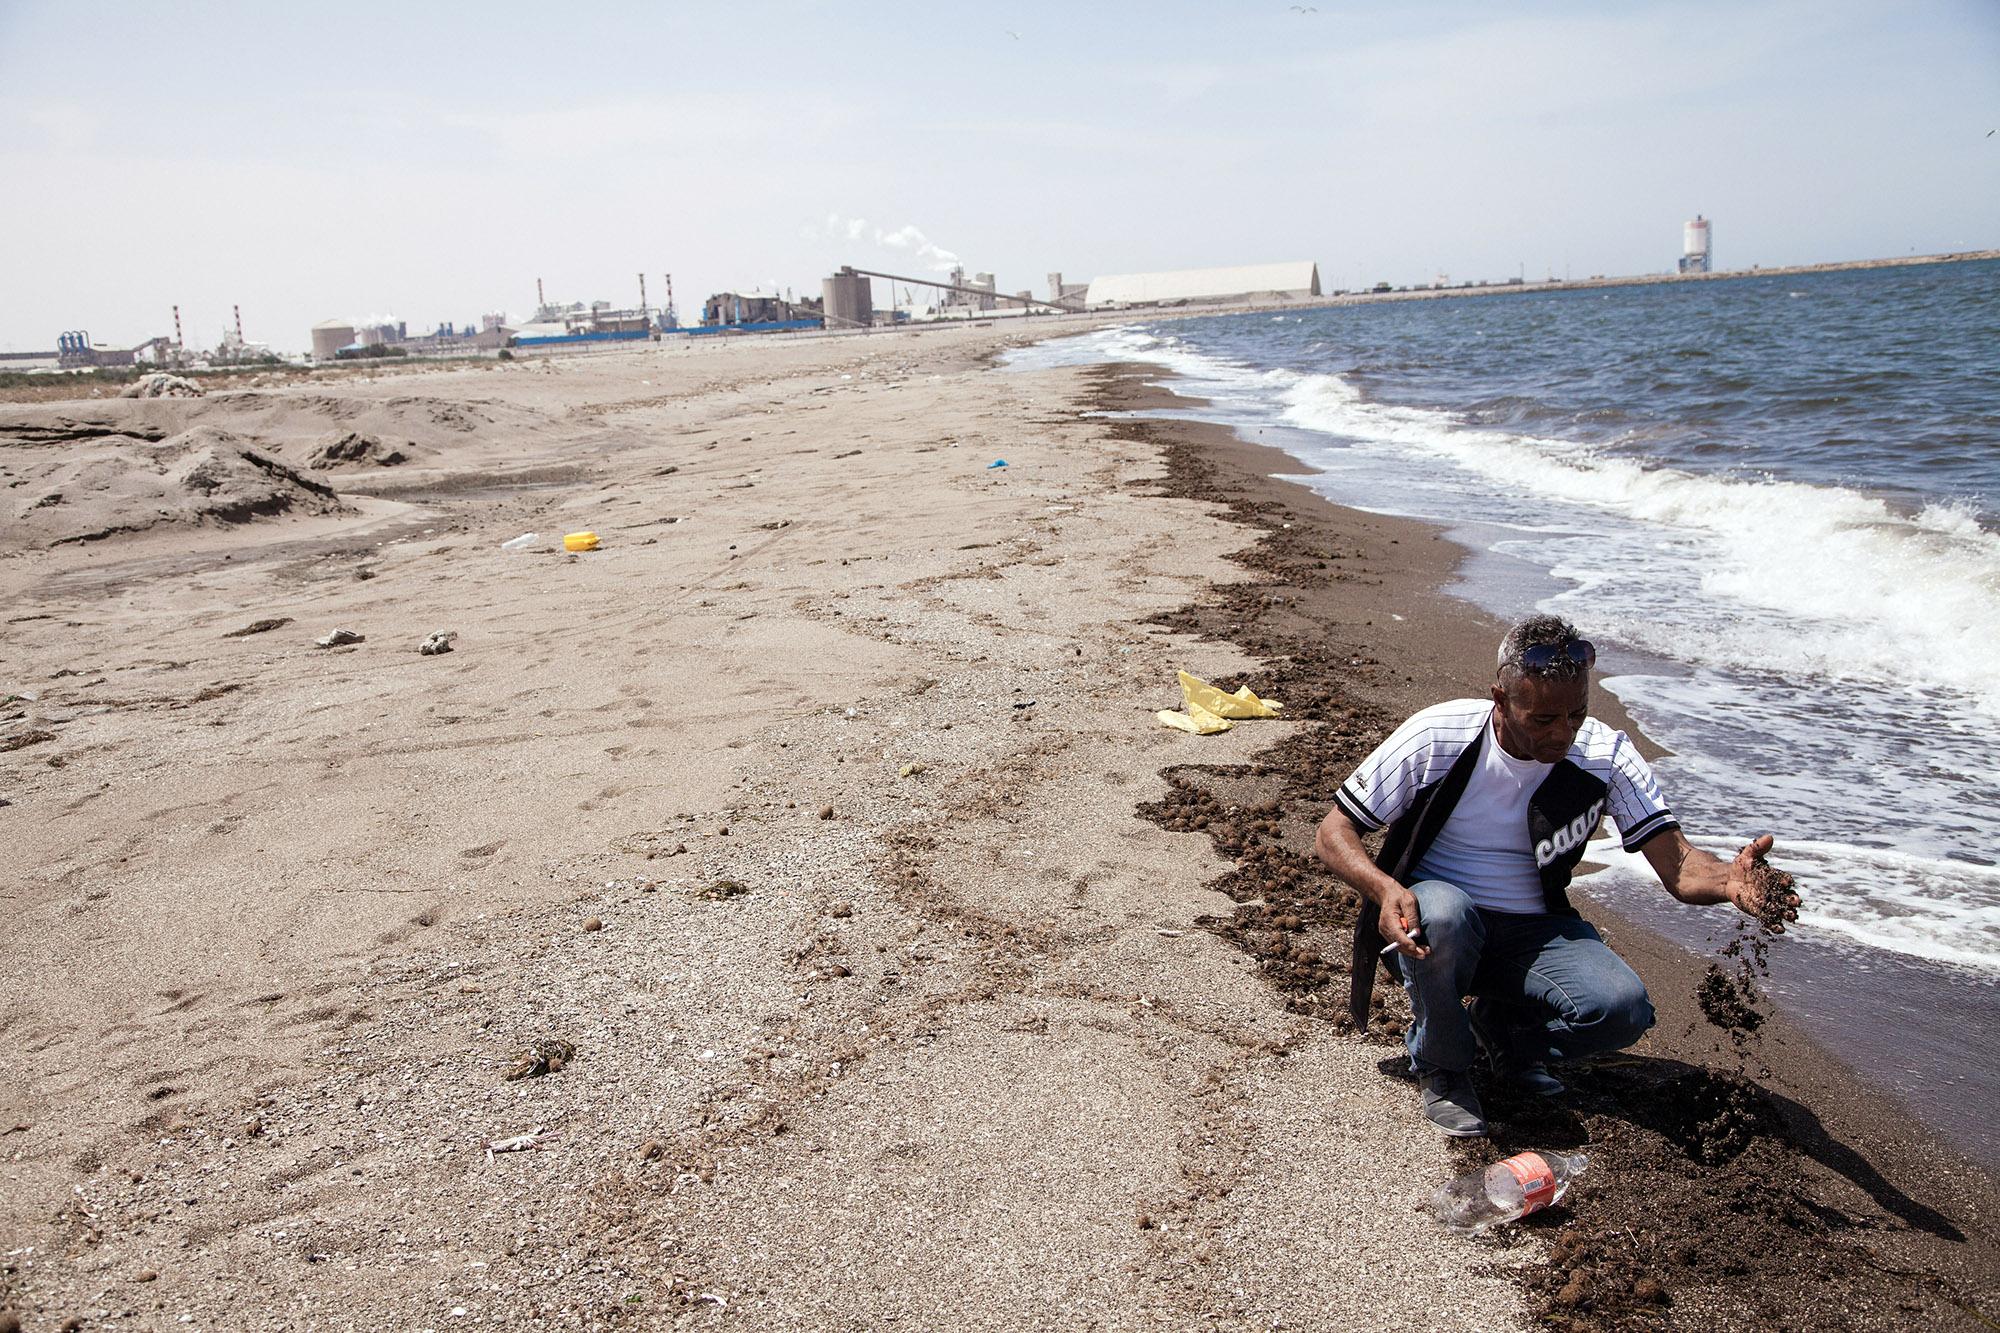 Gabes. 03 juin 2016. Meherz Hamrouni, capitaine et président du syndicat de pêche côtière de Gabes, observe le depot de phosphogypse sec issu du rejet de l'usine de traitement de photosphate. . Les déchets toxiques et polluant rejetes par l'usine du Groupe Chimique Tunisien (GCT) ont tué l'ensemble de la faune marine depuis les années 1990. Le golfe de Gabes était une zone de reproduction importante. L'usine rejette 13.000 tonnes phosphogypse sec par jour dans la Méditerranée et s'accumule sur la plage.